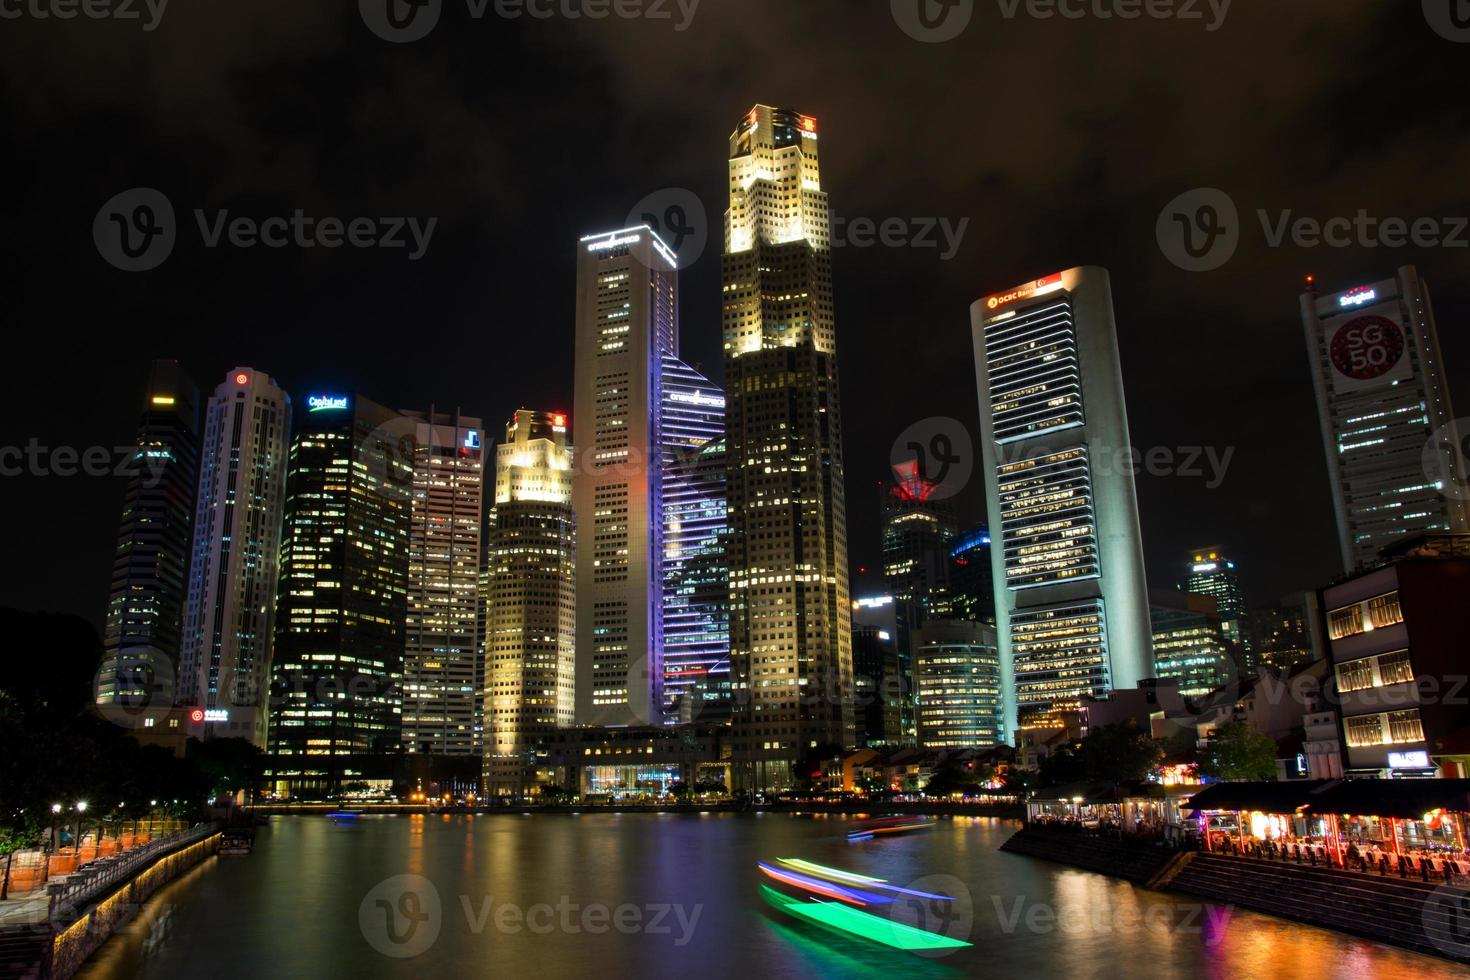 distretto finanziario con baot sul fiume di Singapore foto